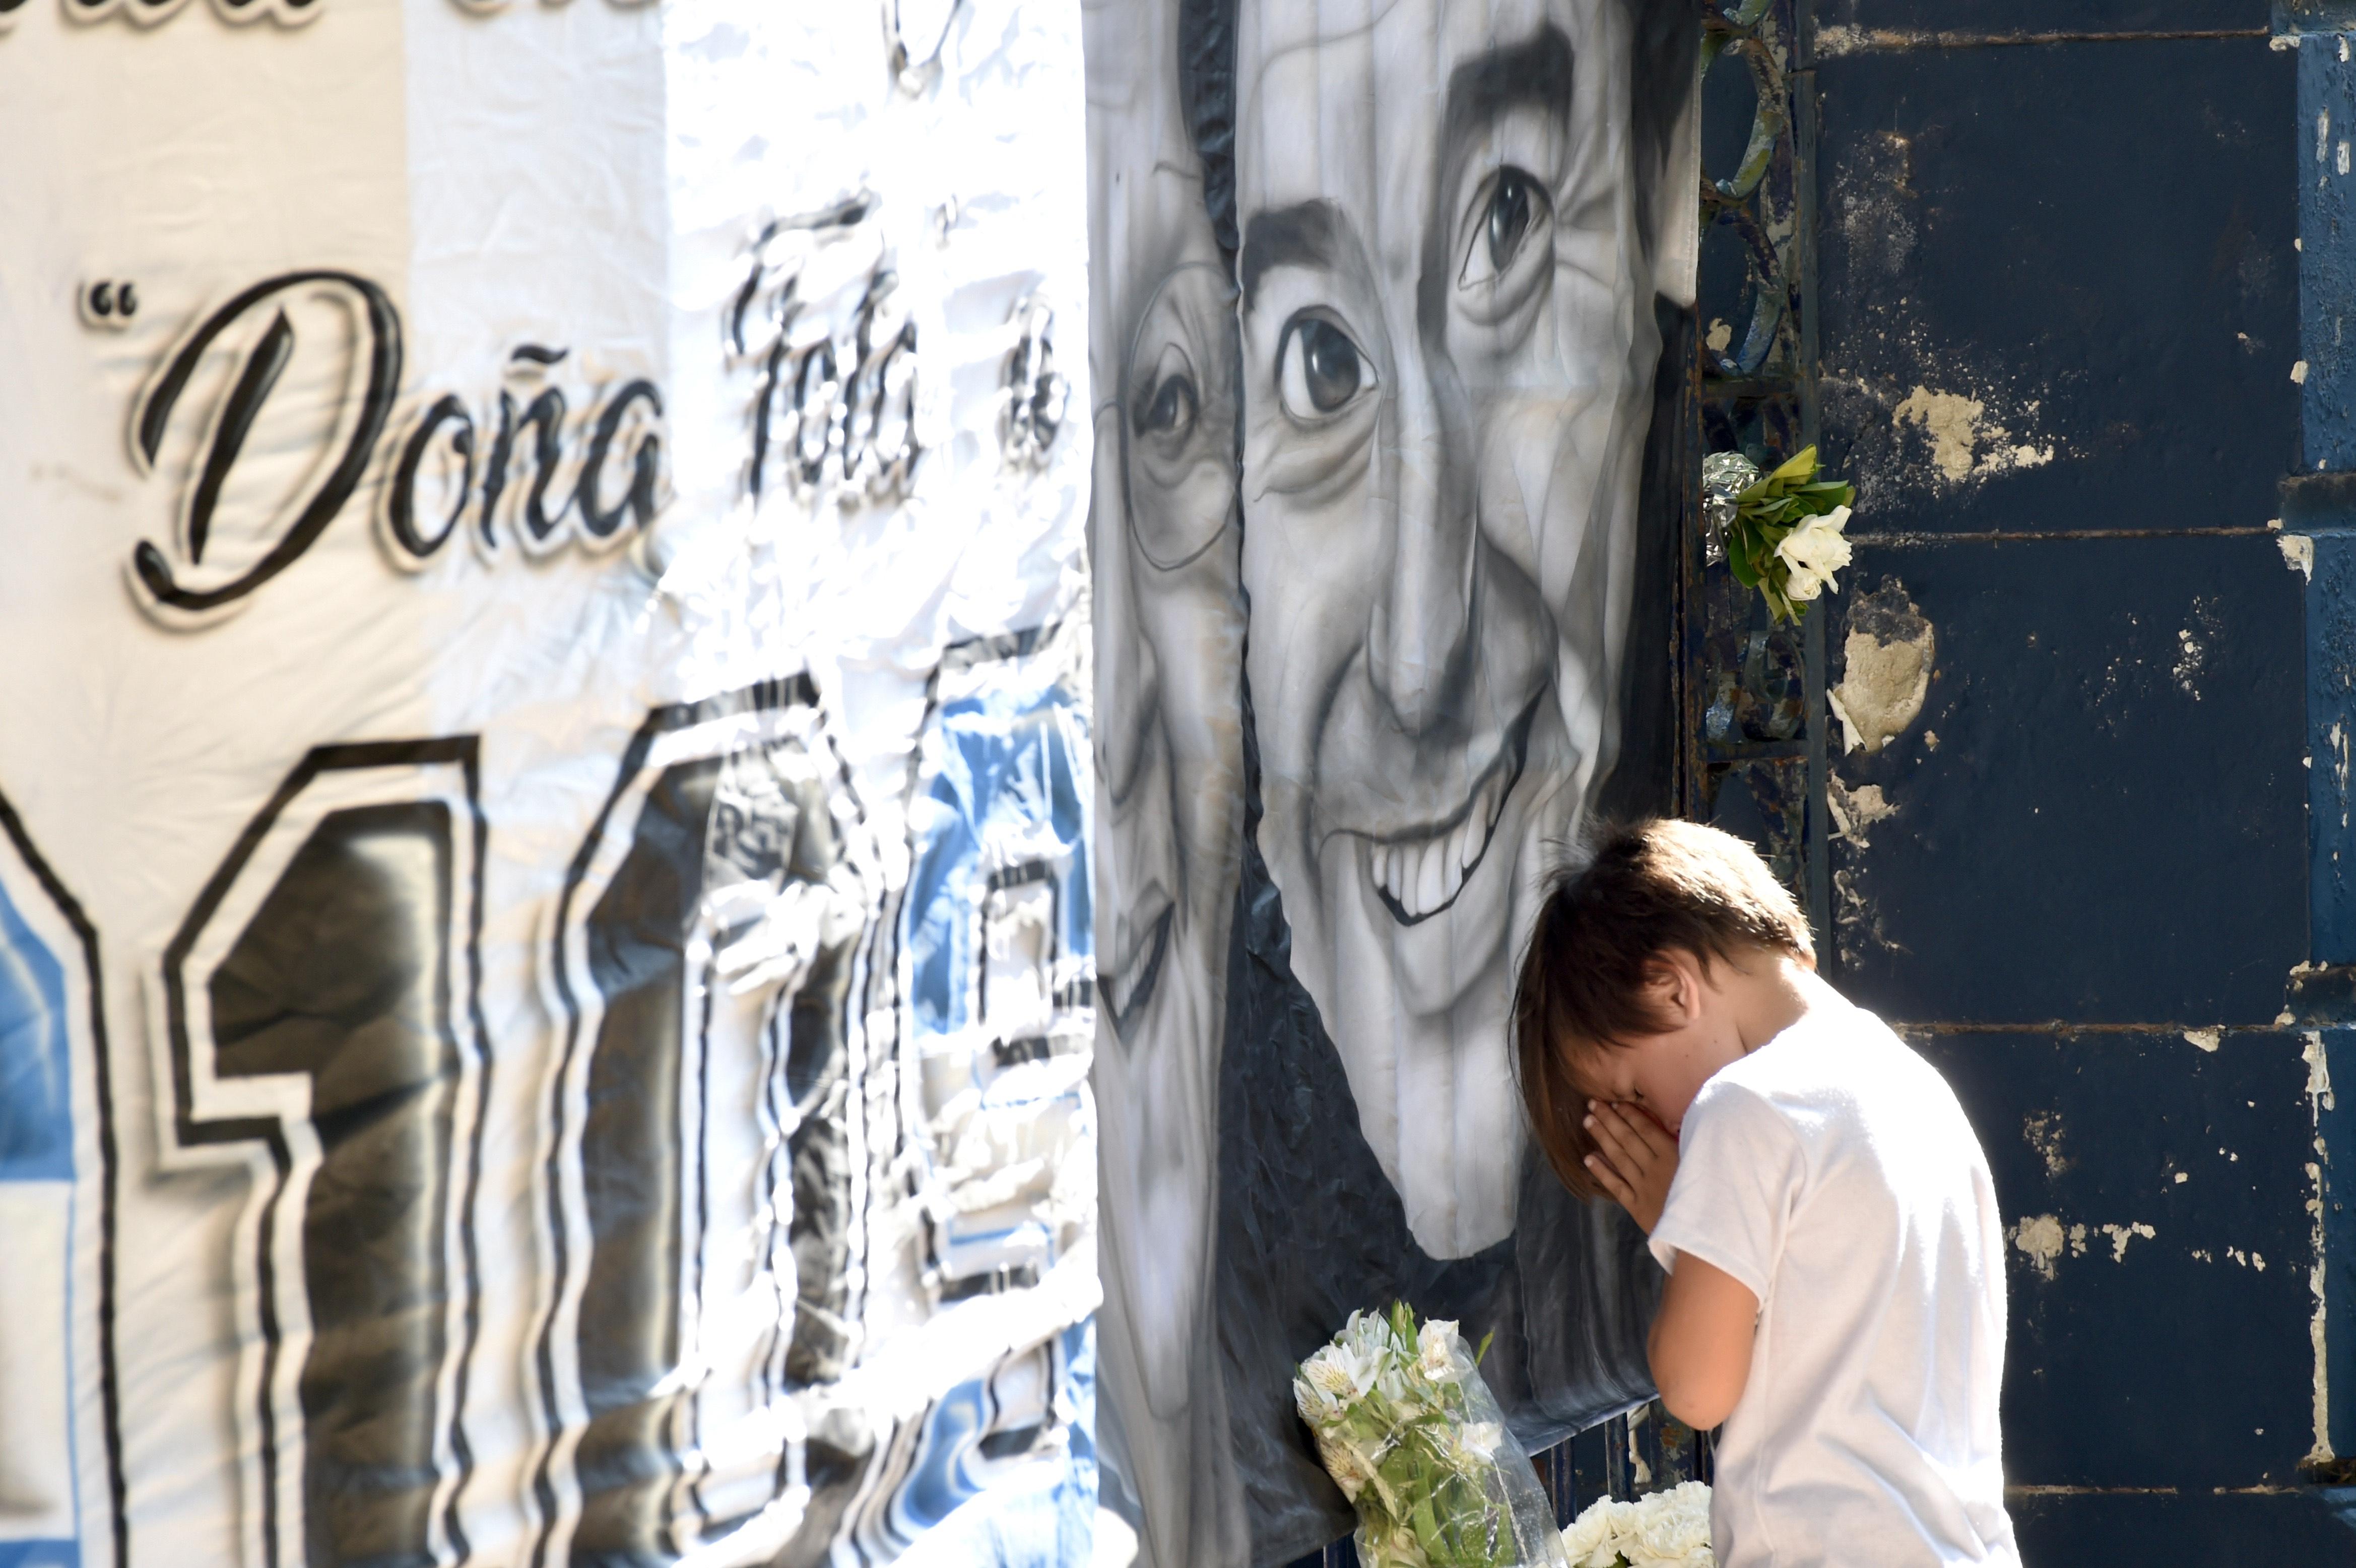 Un niño le reza a la imagen de Maradona junto a Doña tota en La Plata. Una de las fotos más impactantes del día (aglaplata)